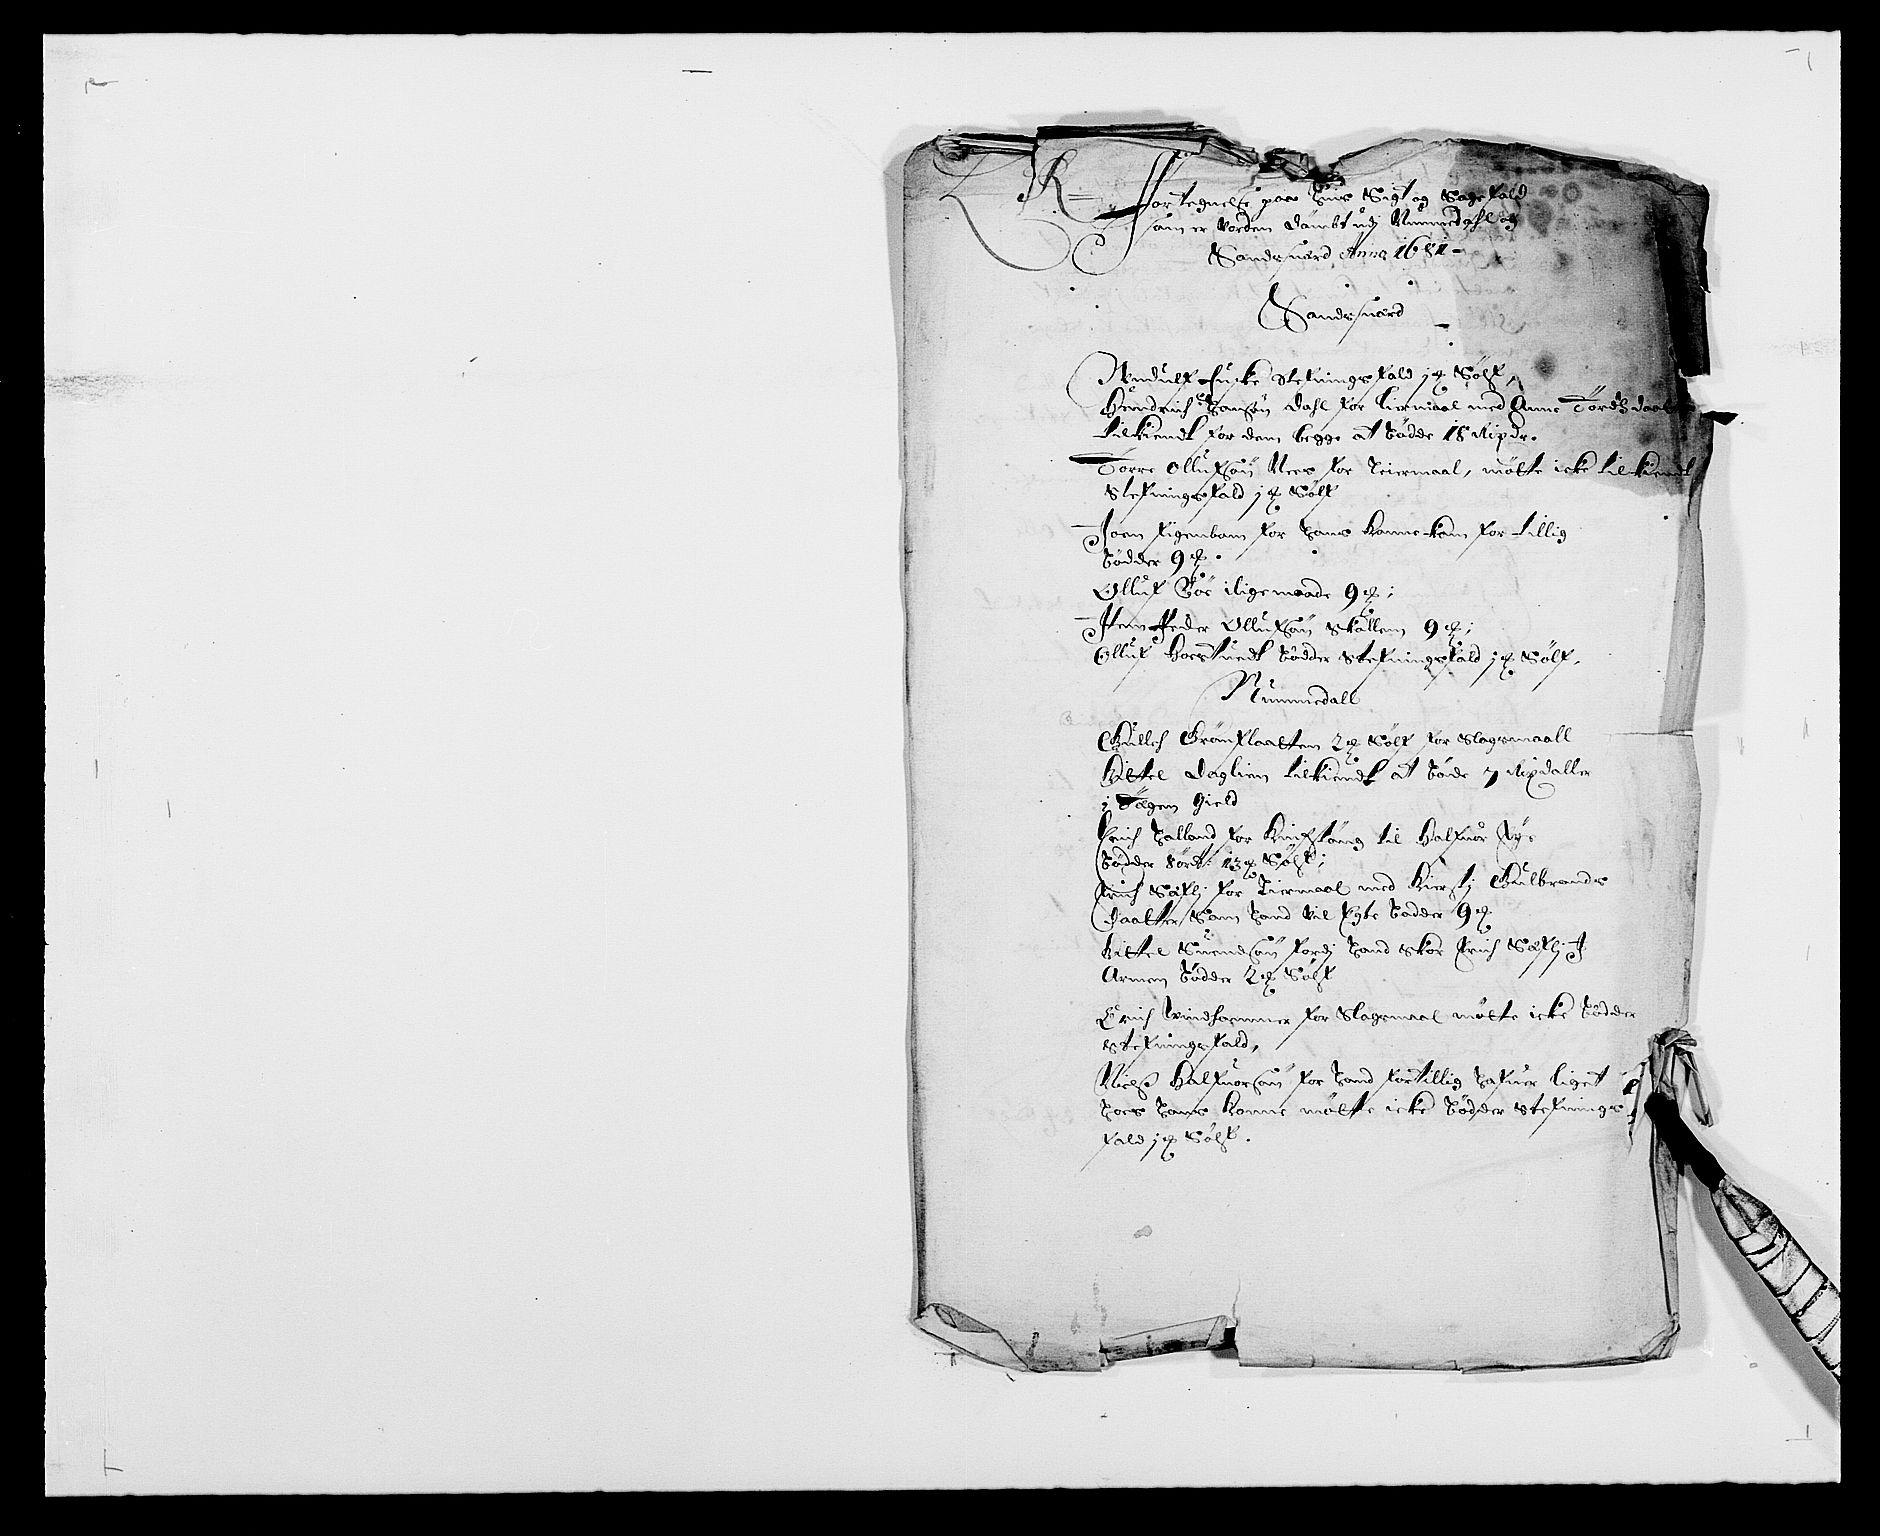 RA, Rentekammeret inntil 1814, Reviderte regnskaper, Fogderegnskap, R24/L1569: Fogderegnskap Numedal og Sandsvær, 1679-1686, s. 226